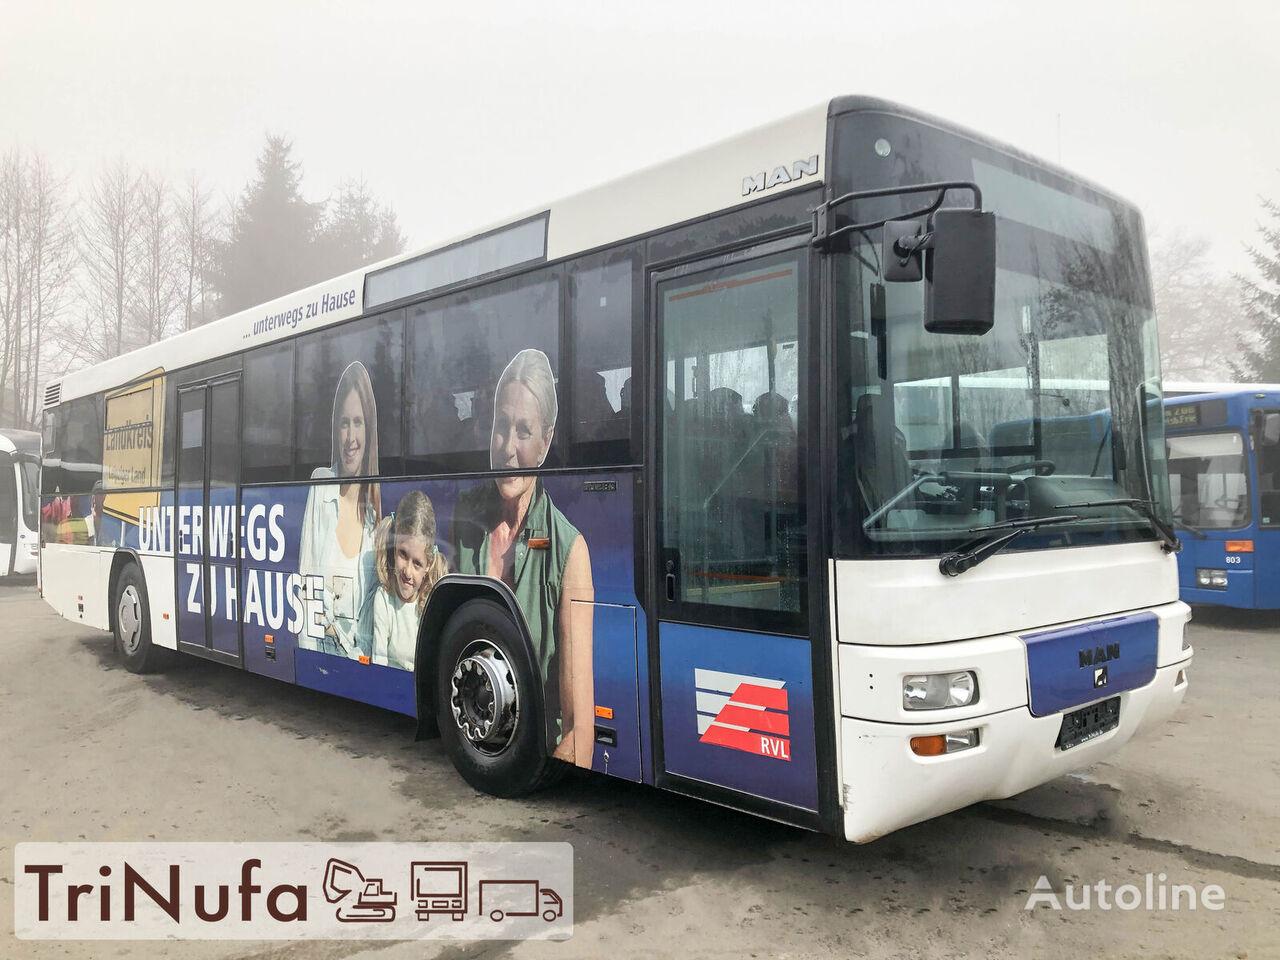 междугородний-пригородный автобус MAN A 72 | Euro 3 | TÜV 11 / 2021 |